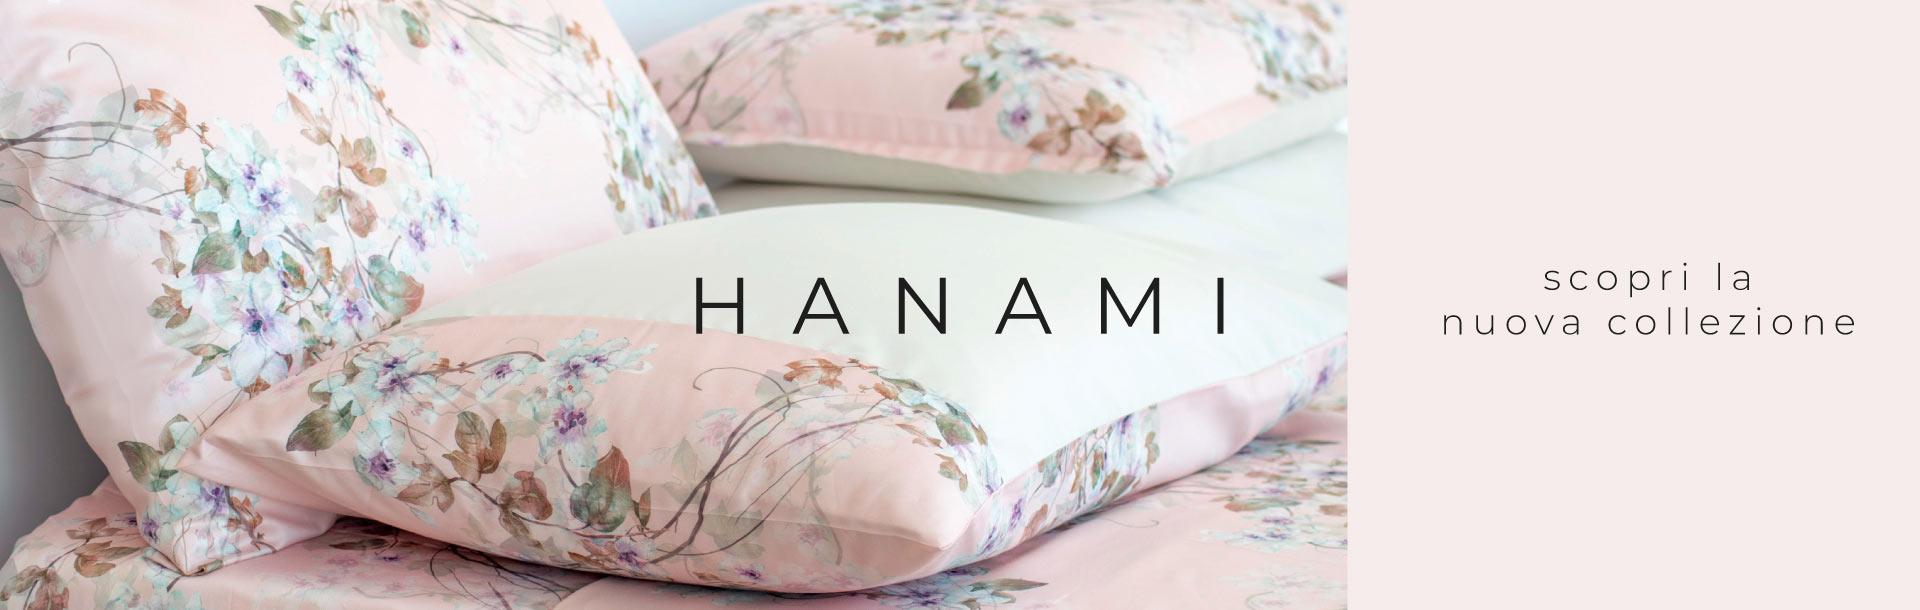 La nuova collezione Hanami di Purocotone.it